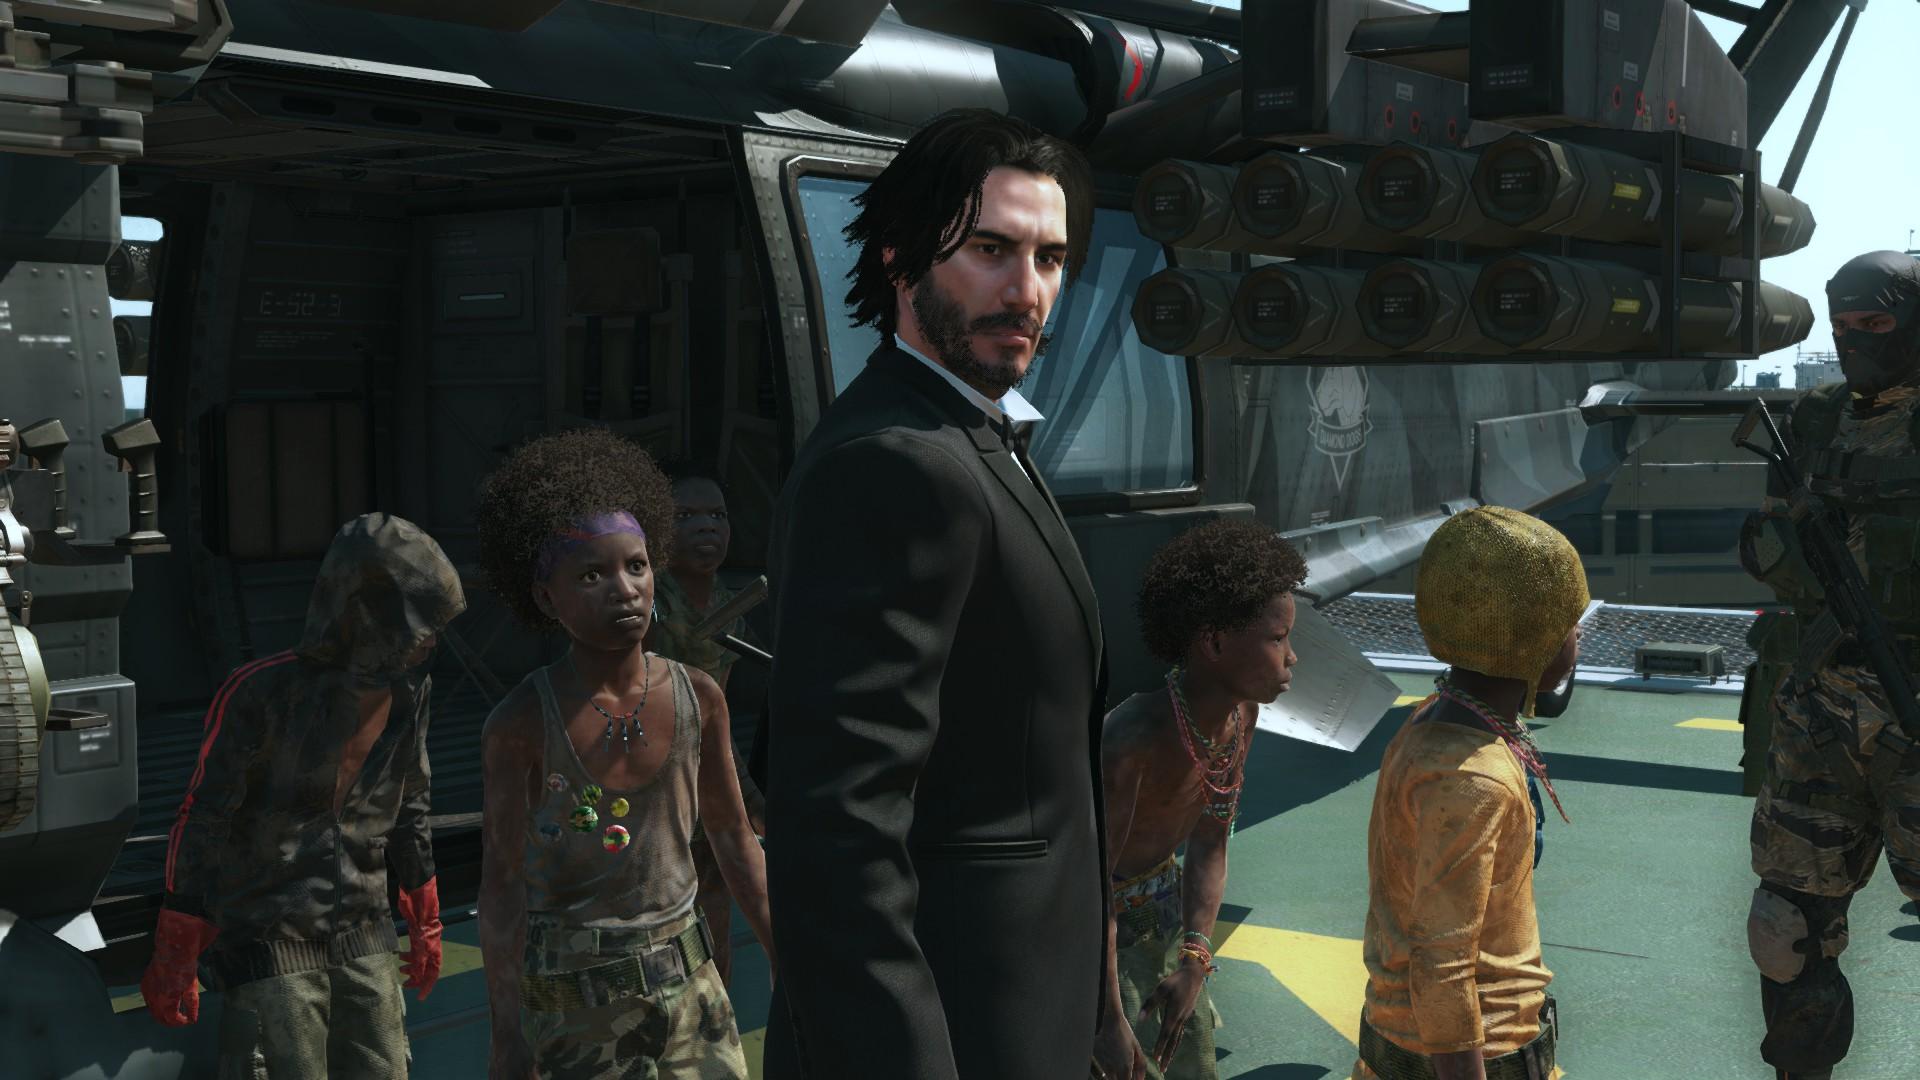 Теперь Metal Gear Solid 5 можно пройти за Джона Уика и Джонни Сильверхенда из Cyberpunk 2077